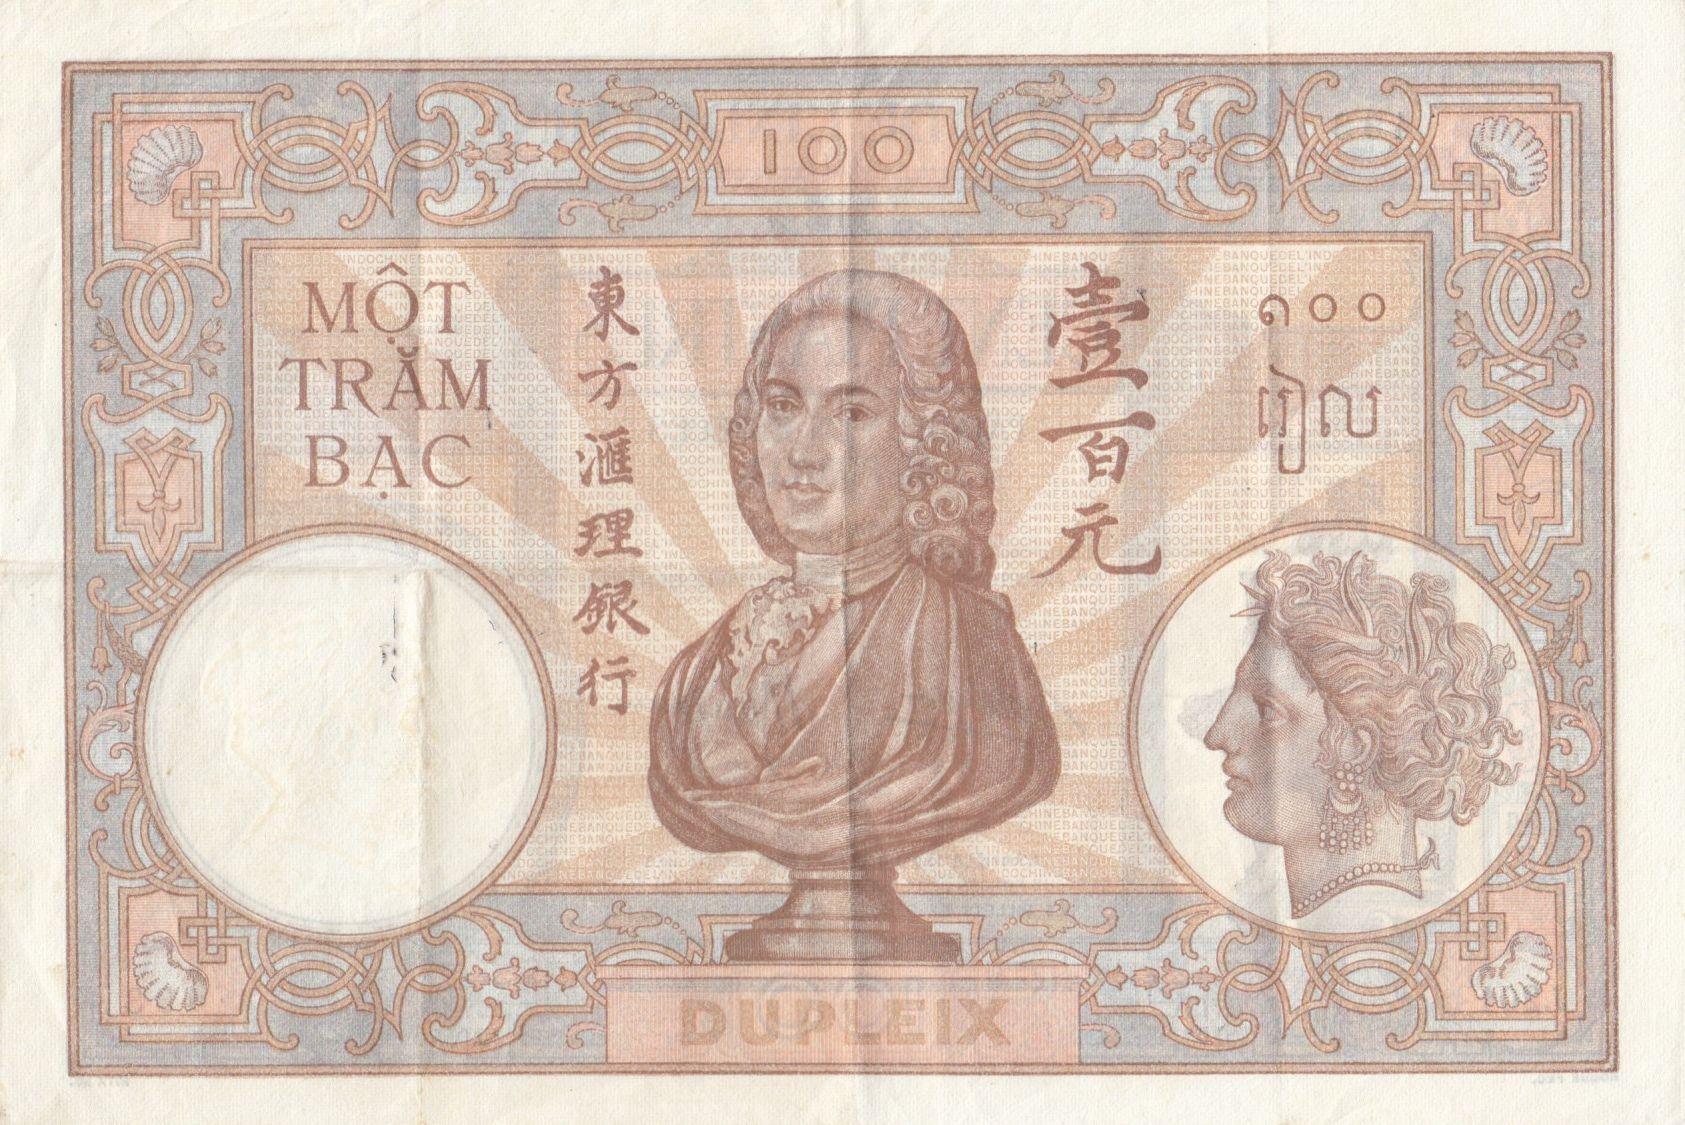 Indo-Chine Fr. 100 Piastres  Dupleix - 1936-1939 SérieJ.201 - TTB + - P.51